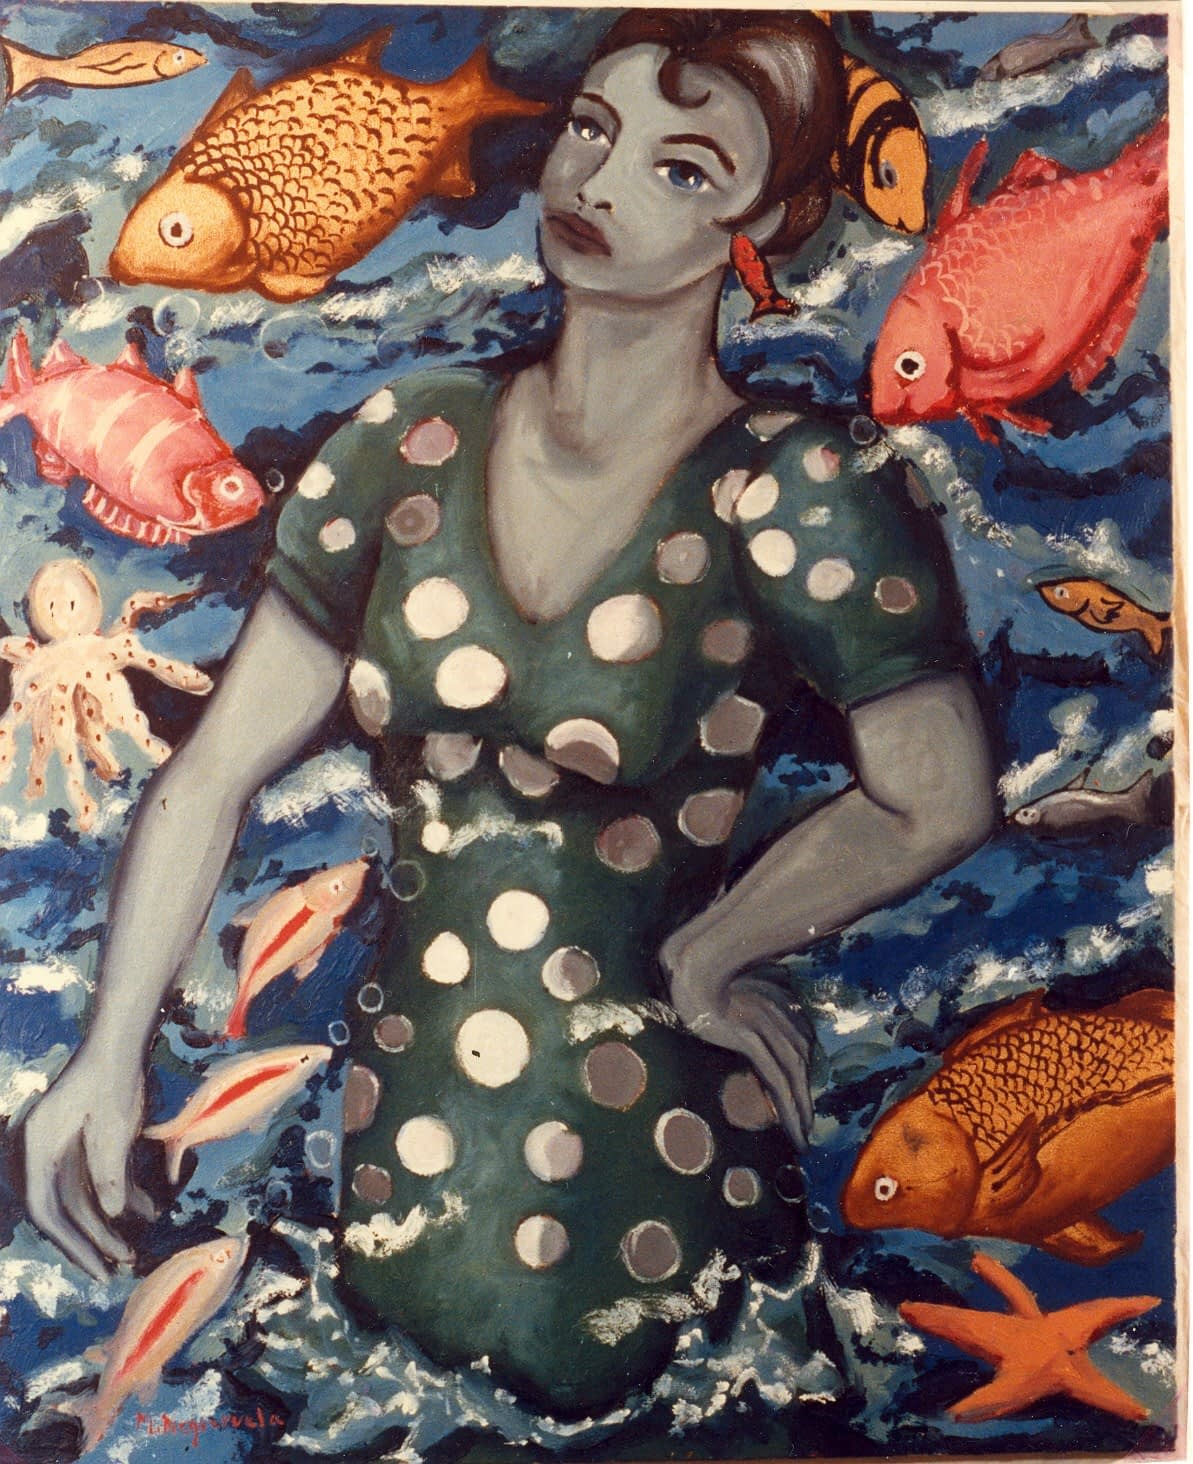 Flamenca debajo del agua